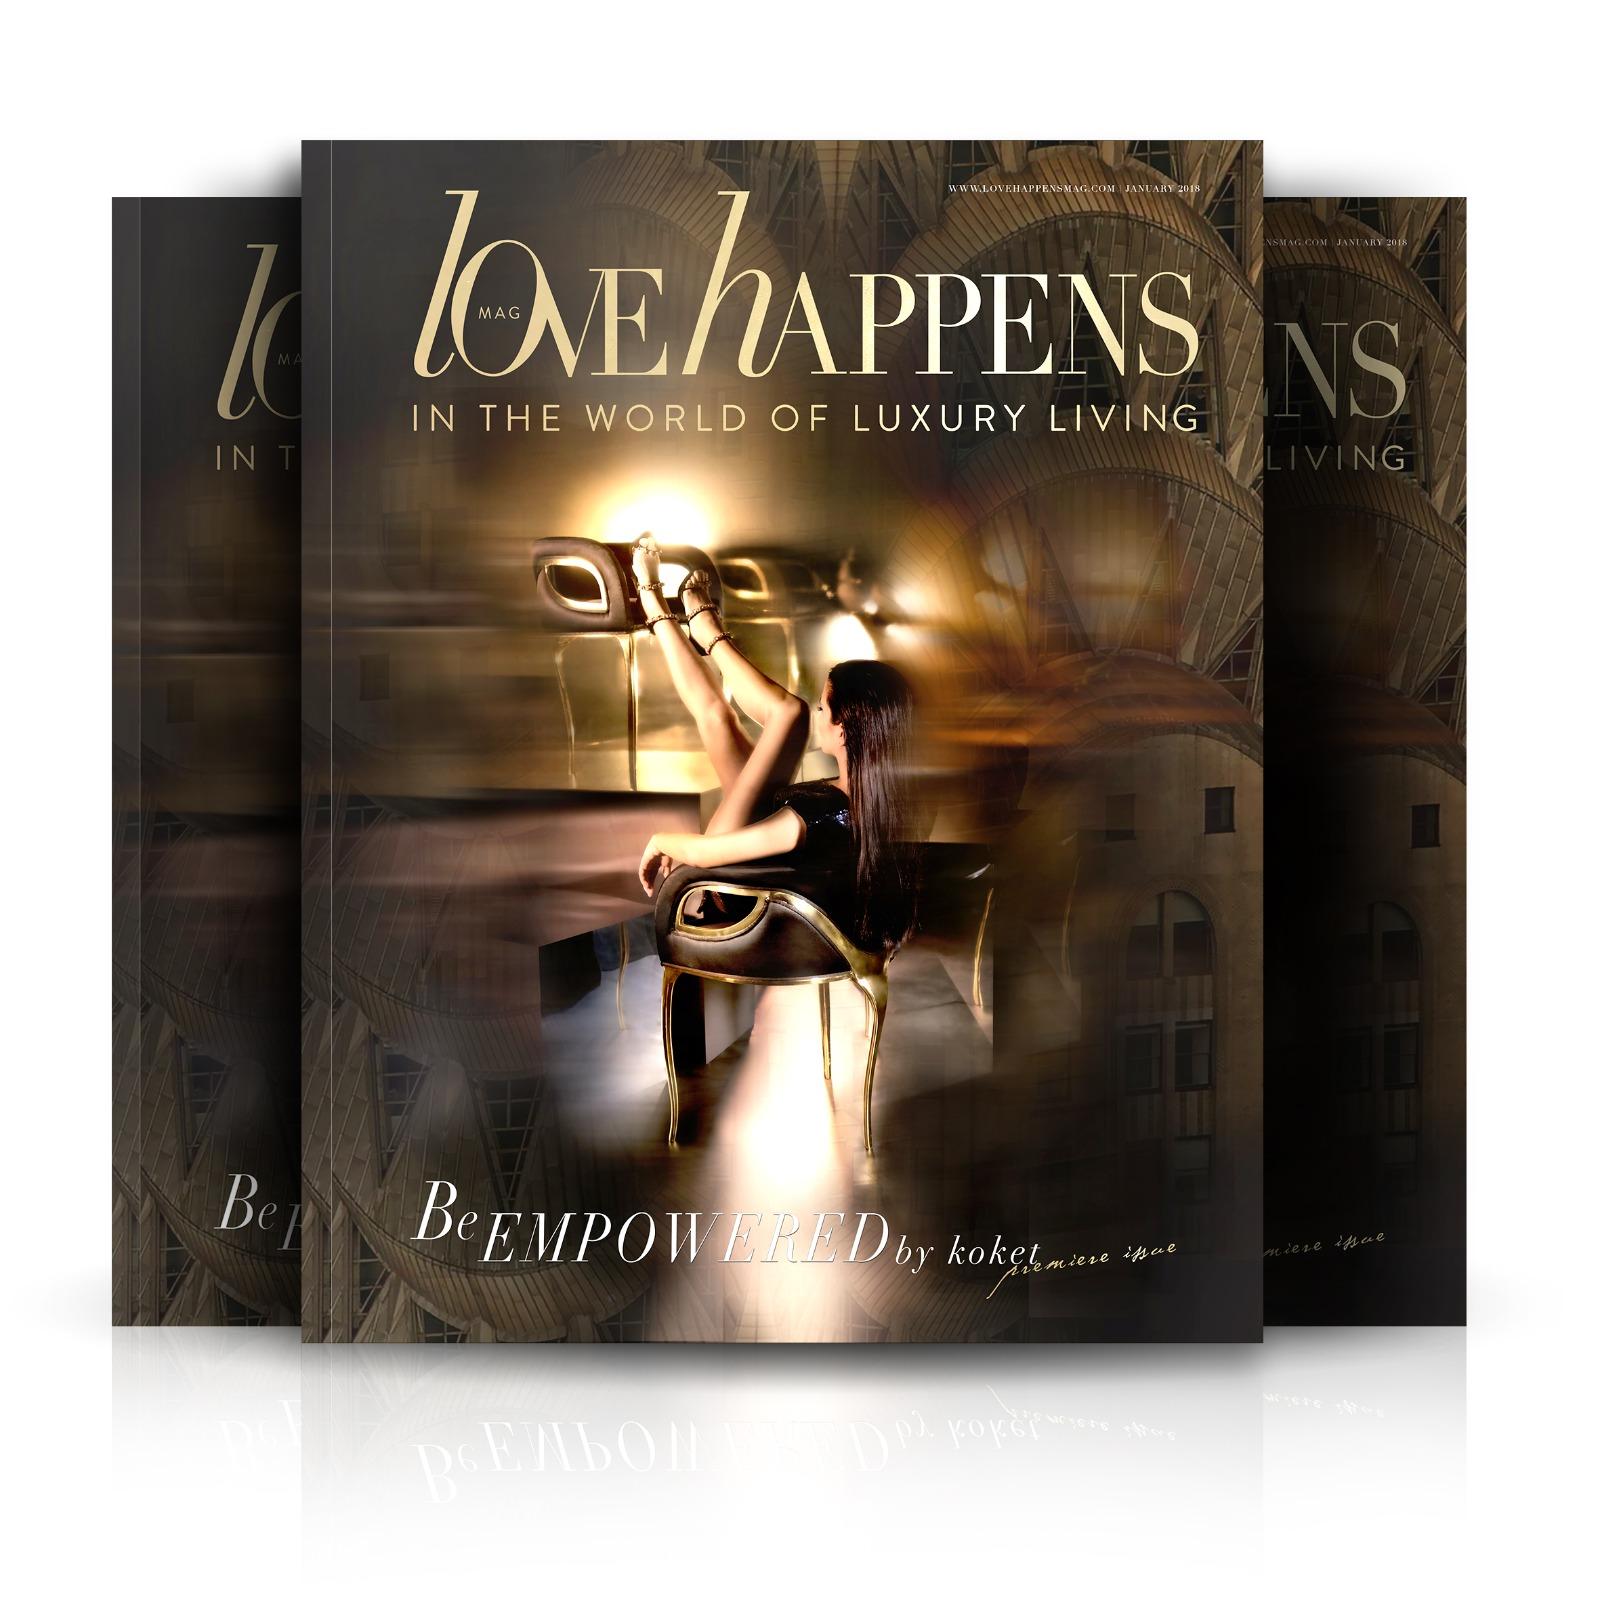 love happens magazine vol 1 - love happens premier issue - love happens mag - koket magazine - luxury lifestyle magazines - interior design magazines - fashion magazines